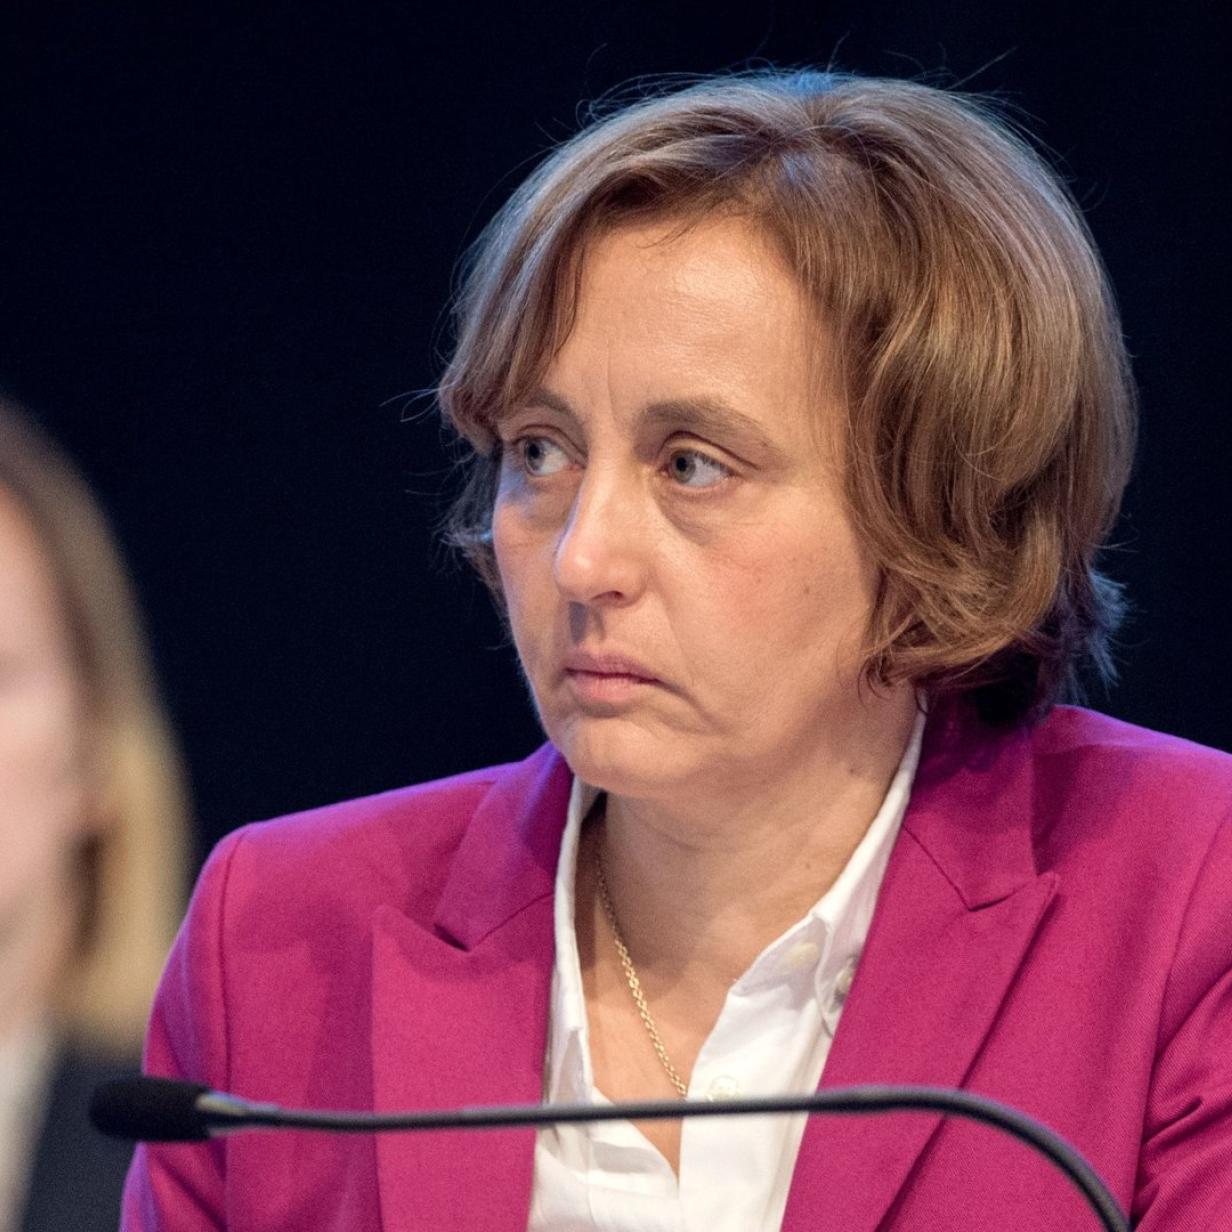 Parteifreundin blamiert AfD-Politikerin von Storch